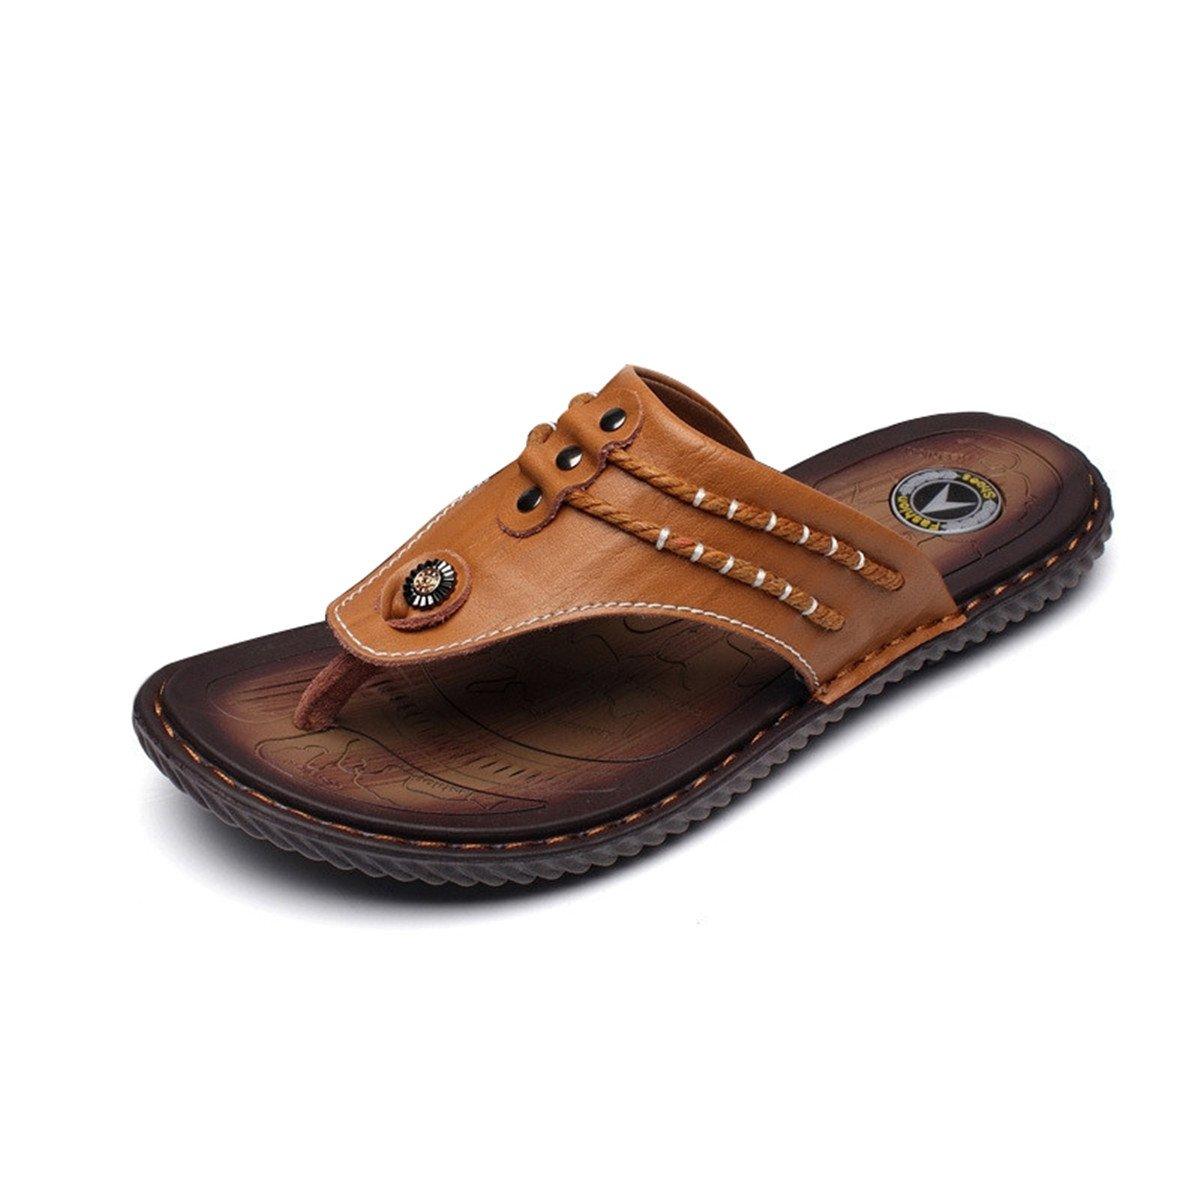 Gracosy Flip Flops, Unisex Zehentrenner Flache Hausschuhe Pantoletten Sommer Schuhe Slippers Weich Anti-Rutsch T-Strap Sandalen fuuml;r Herren Damenr  44 EU|Braun3 Uk-lager